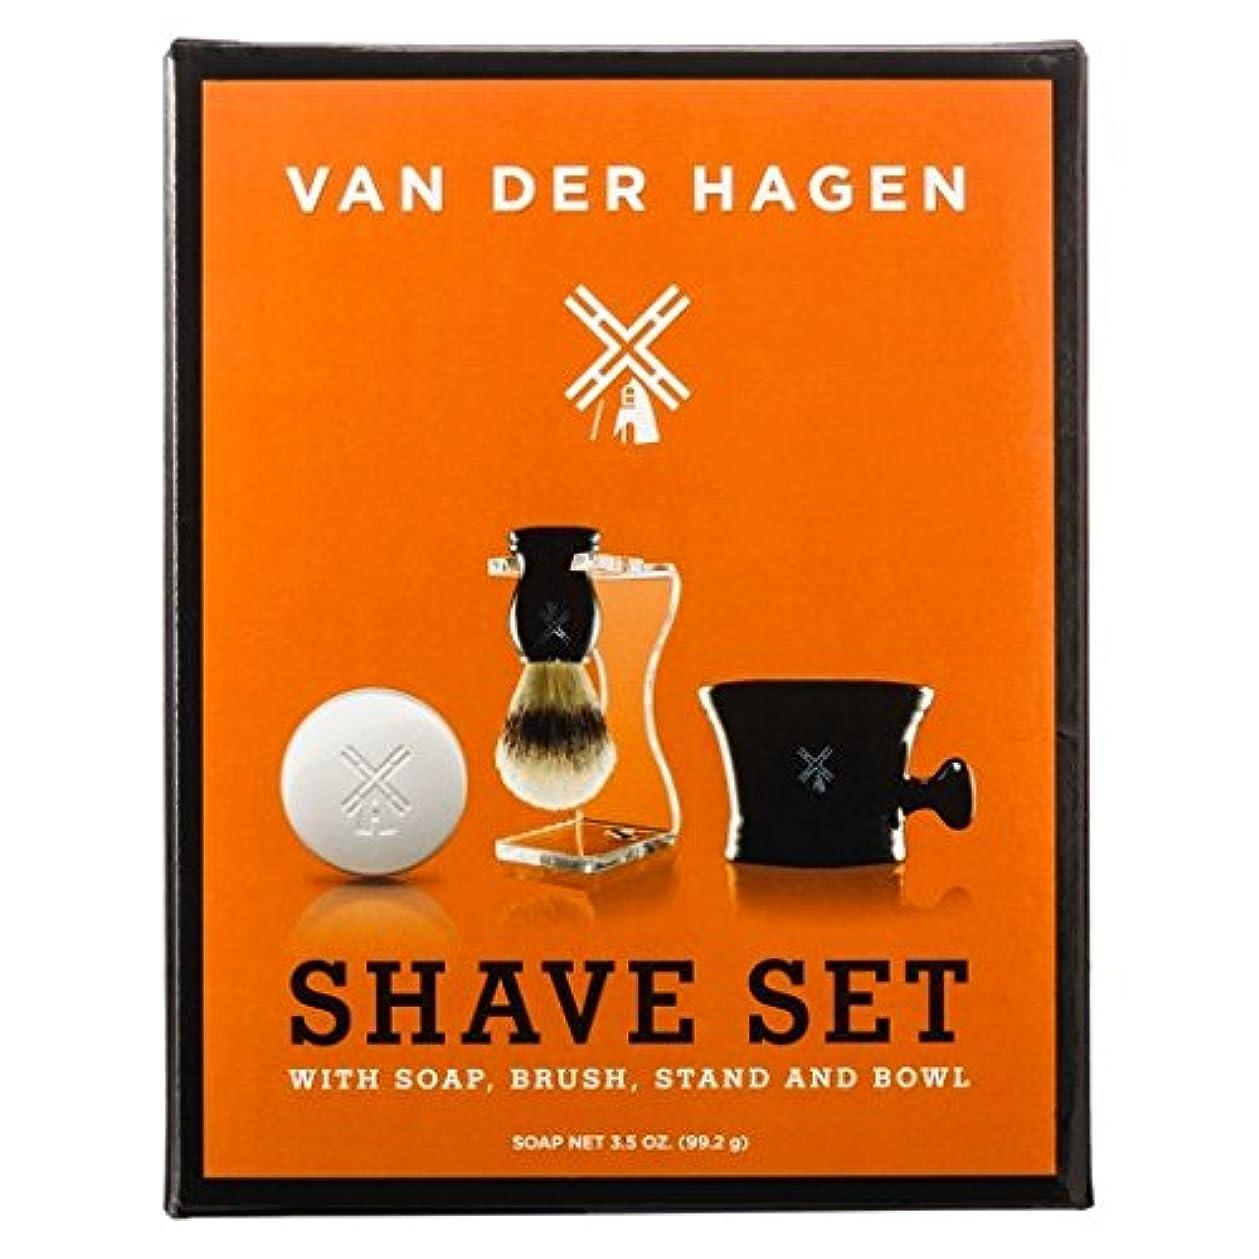 牛肉いいね感嘆Van der Hagen Premium 4 Piece Shave Set ファンデルハーゲンプレミアム4ピースシェーブセット [並行輸入品]